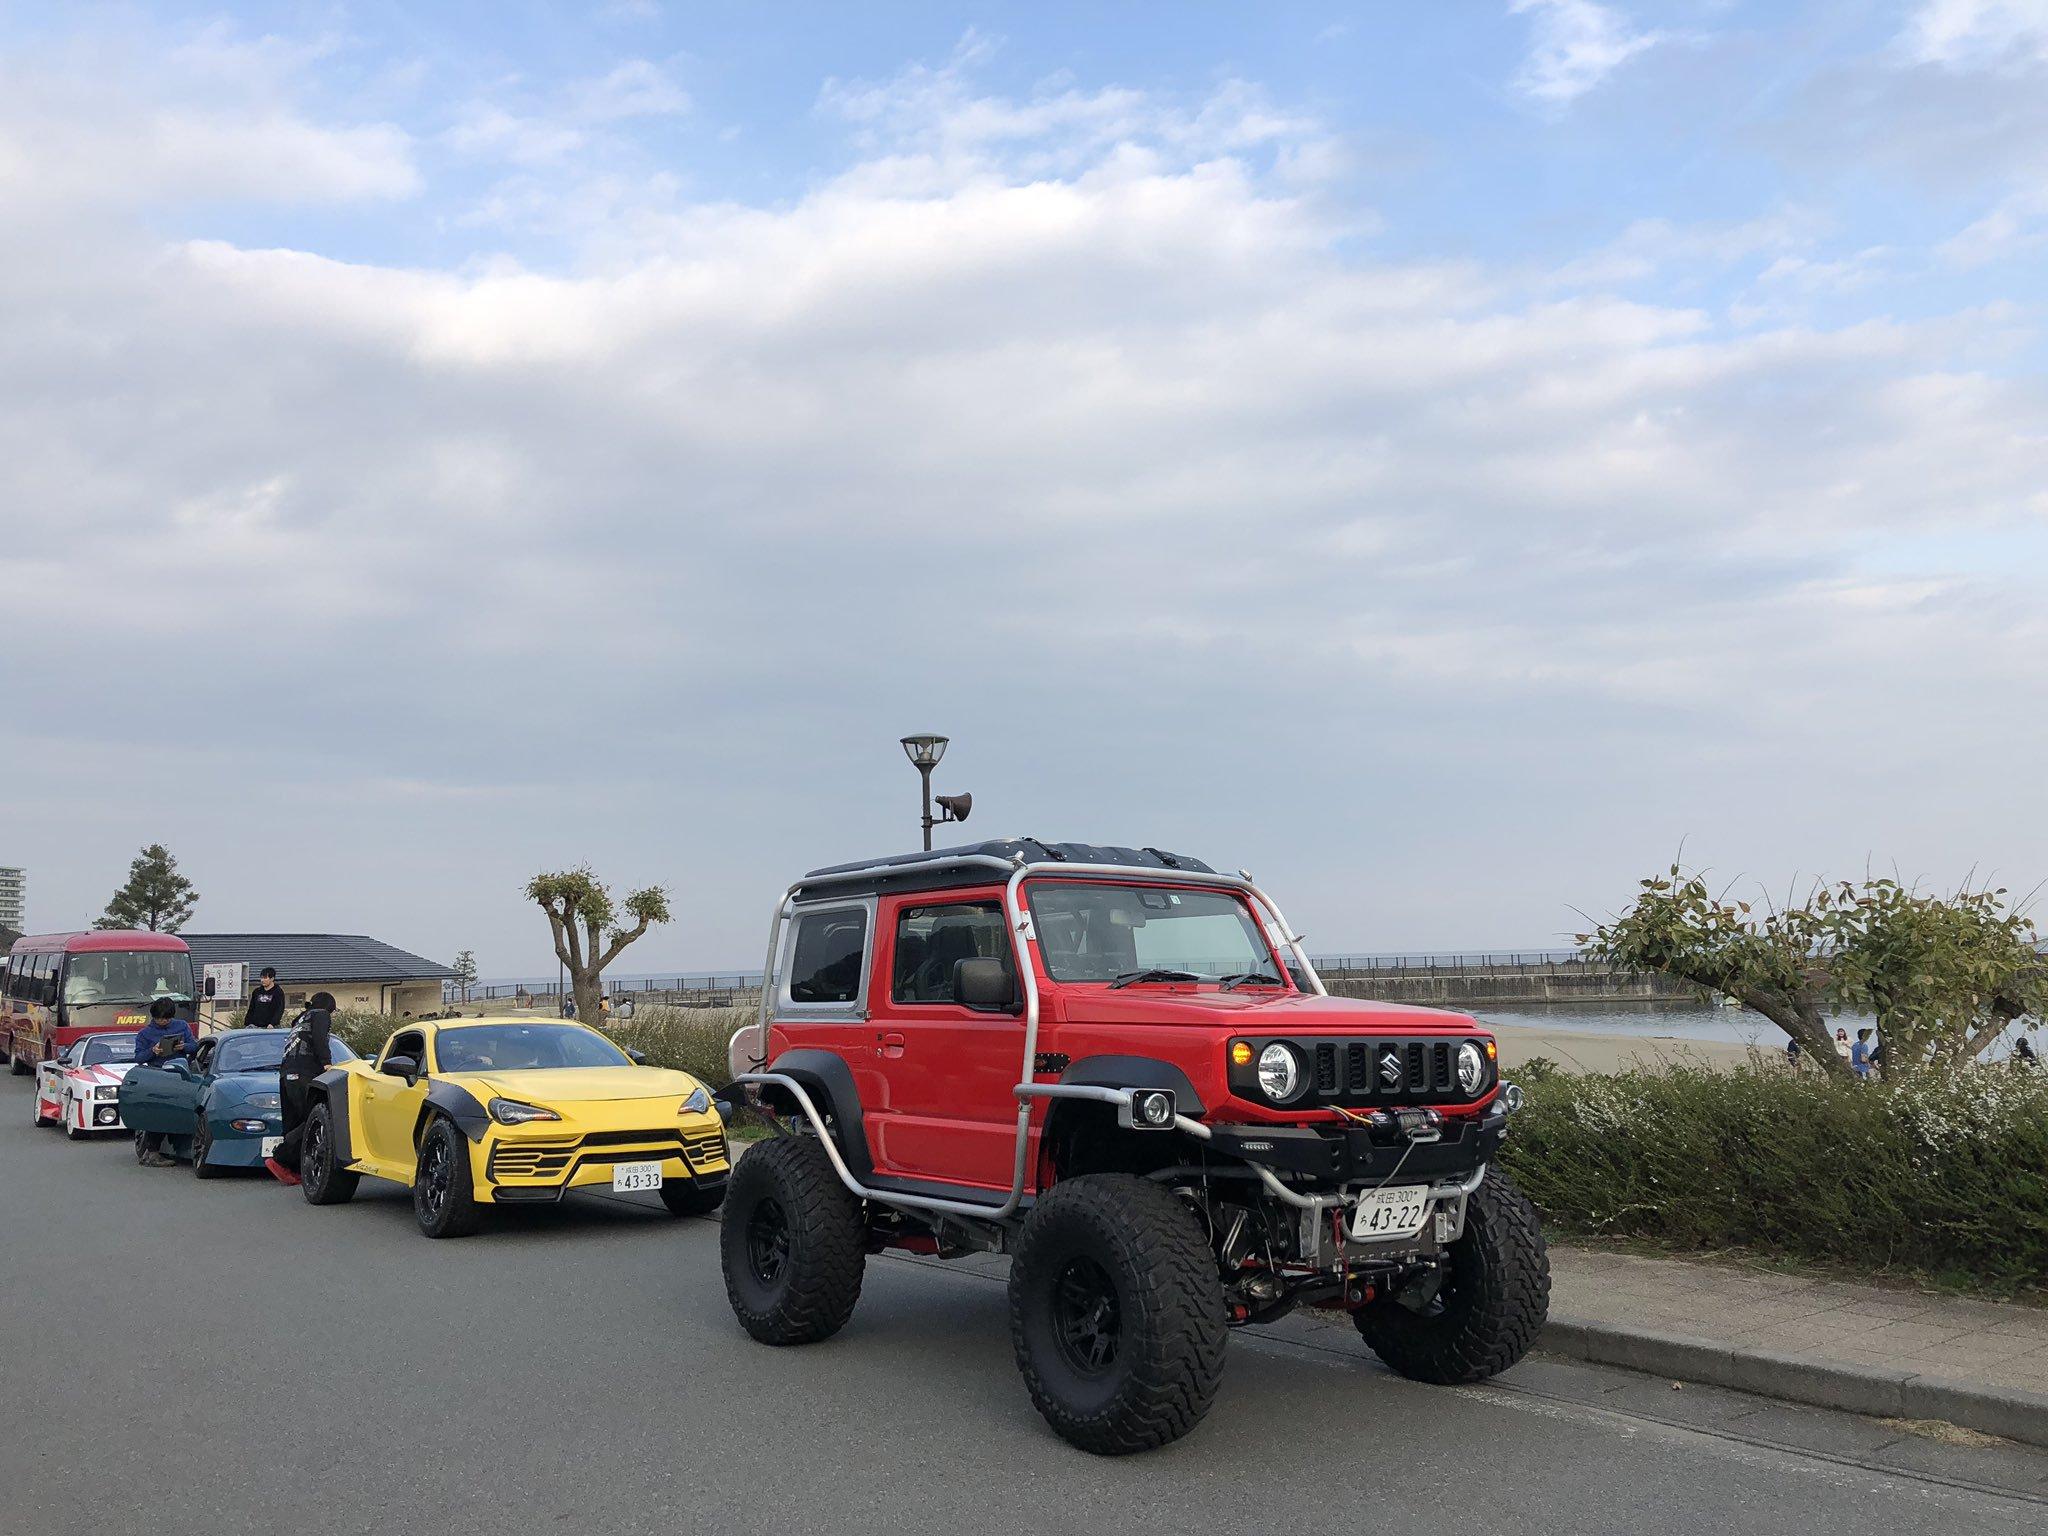 Японские студенты выполнили безумный тюнинг Suzuki Jimny 2019